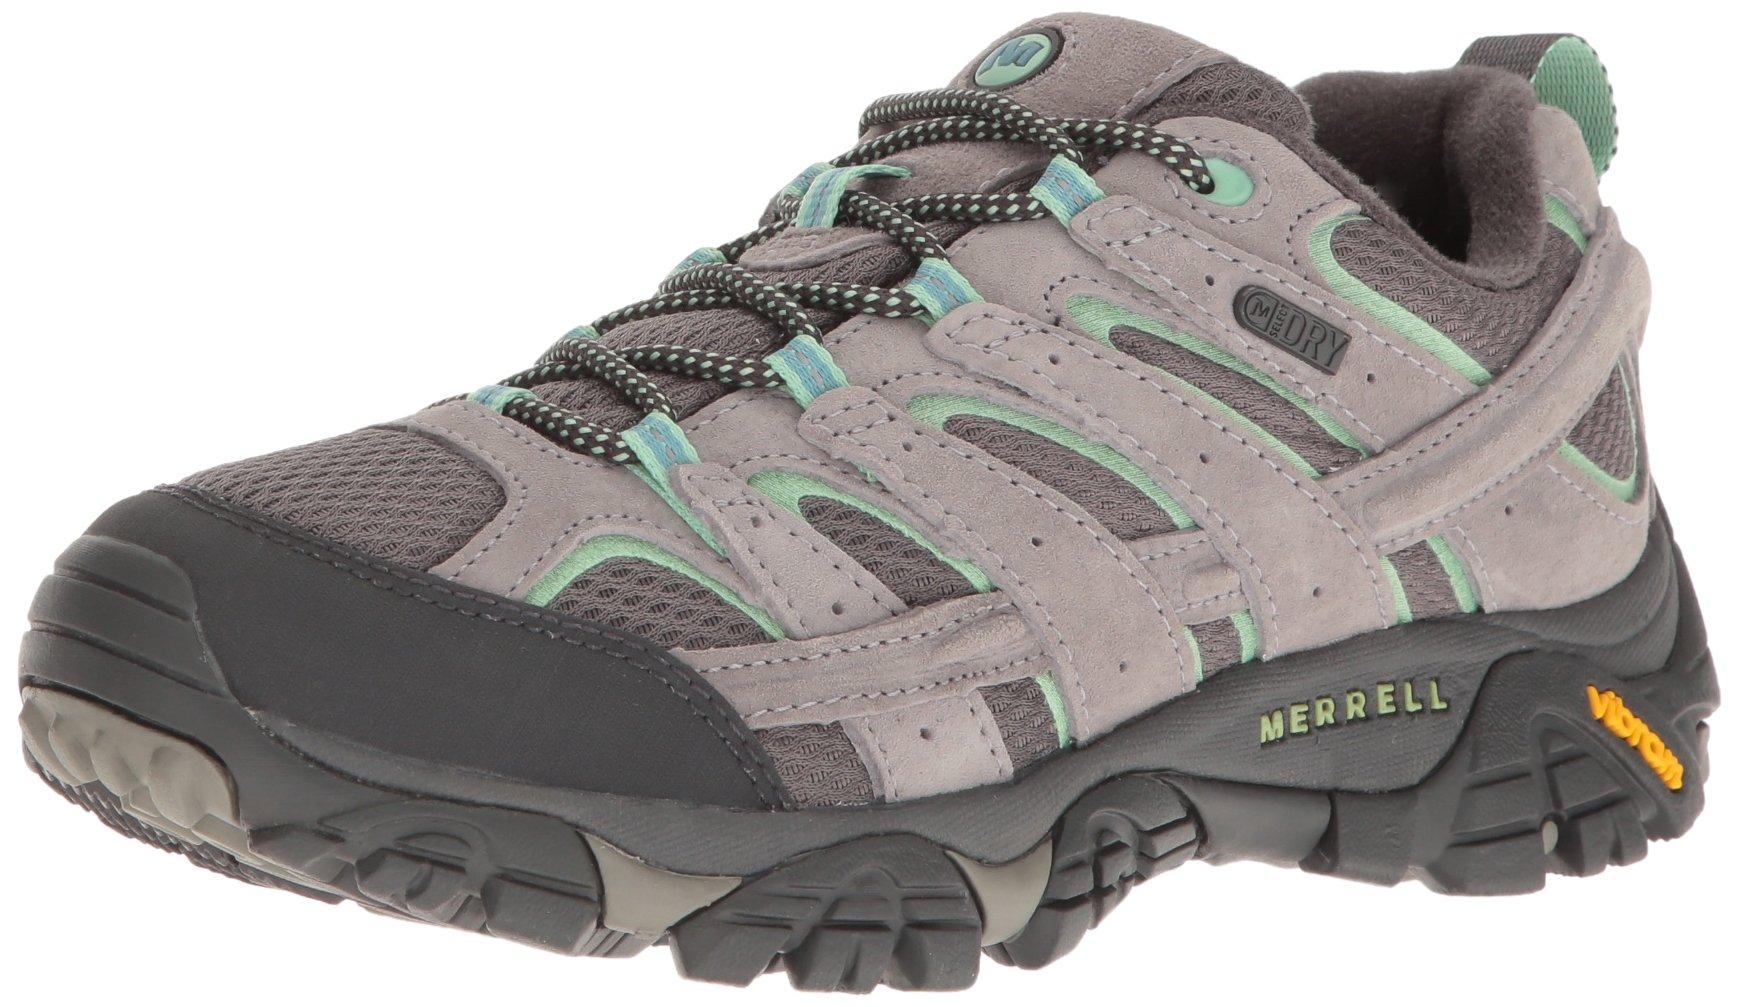 Merrell Women's Moab 2 Waterproof Hiking Shoe, Drizzle/Mint, 9 M US by Merrell